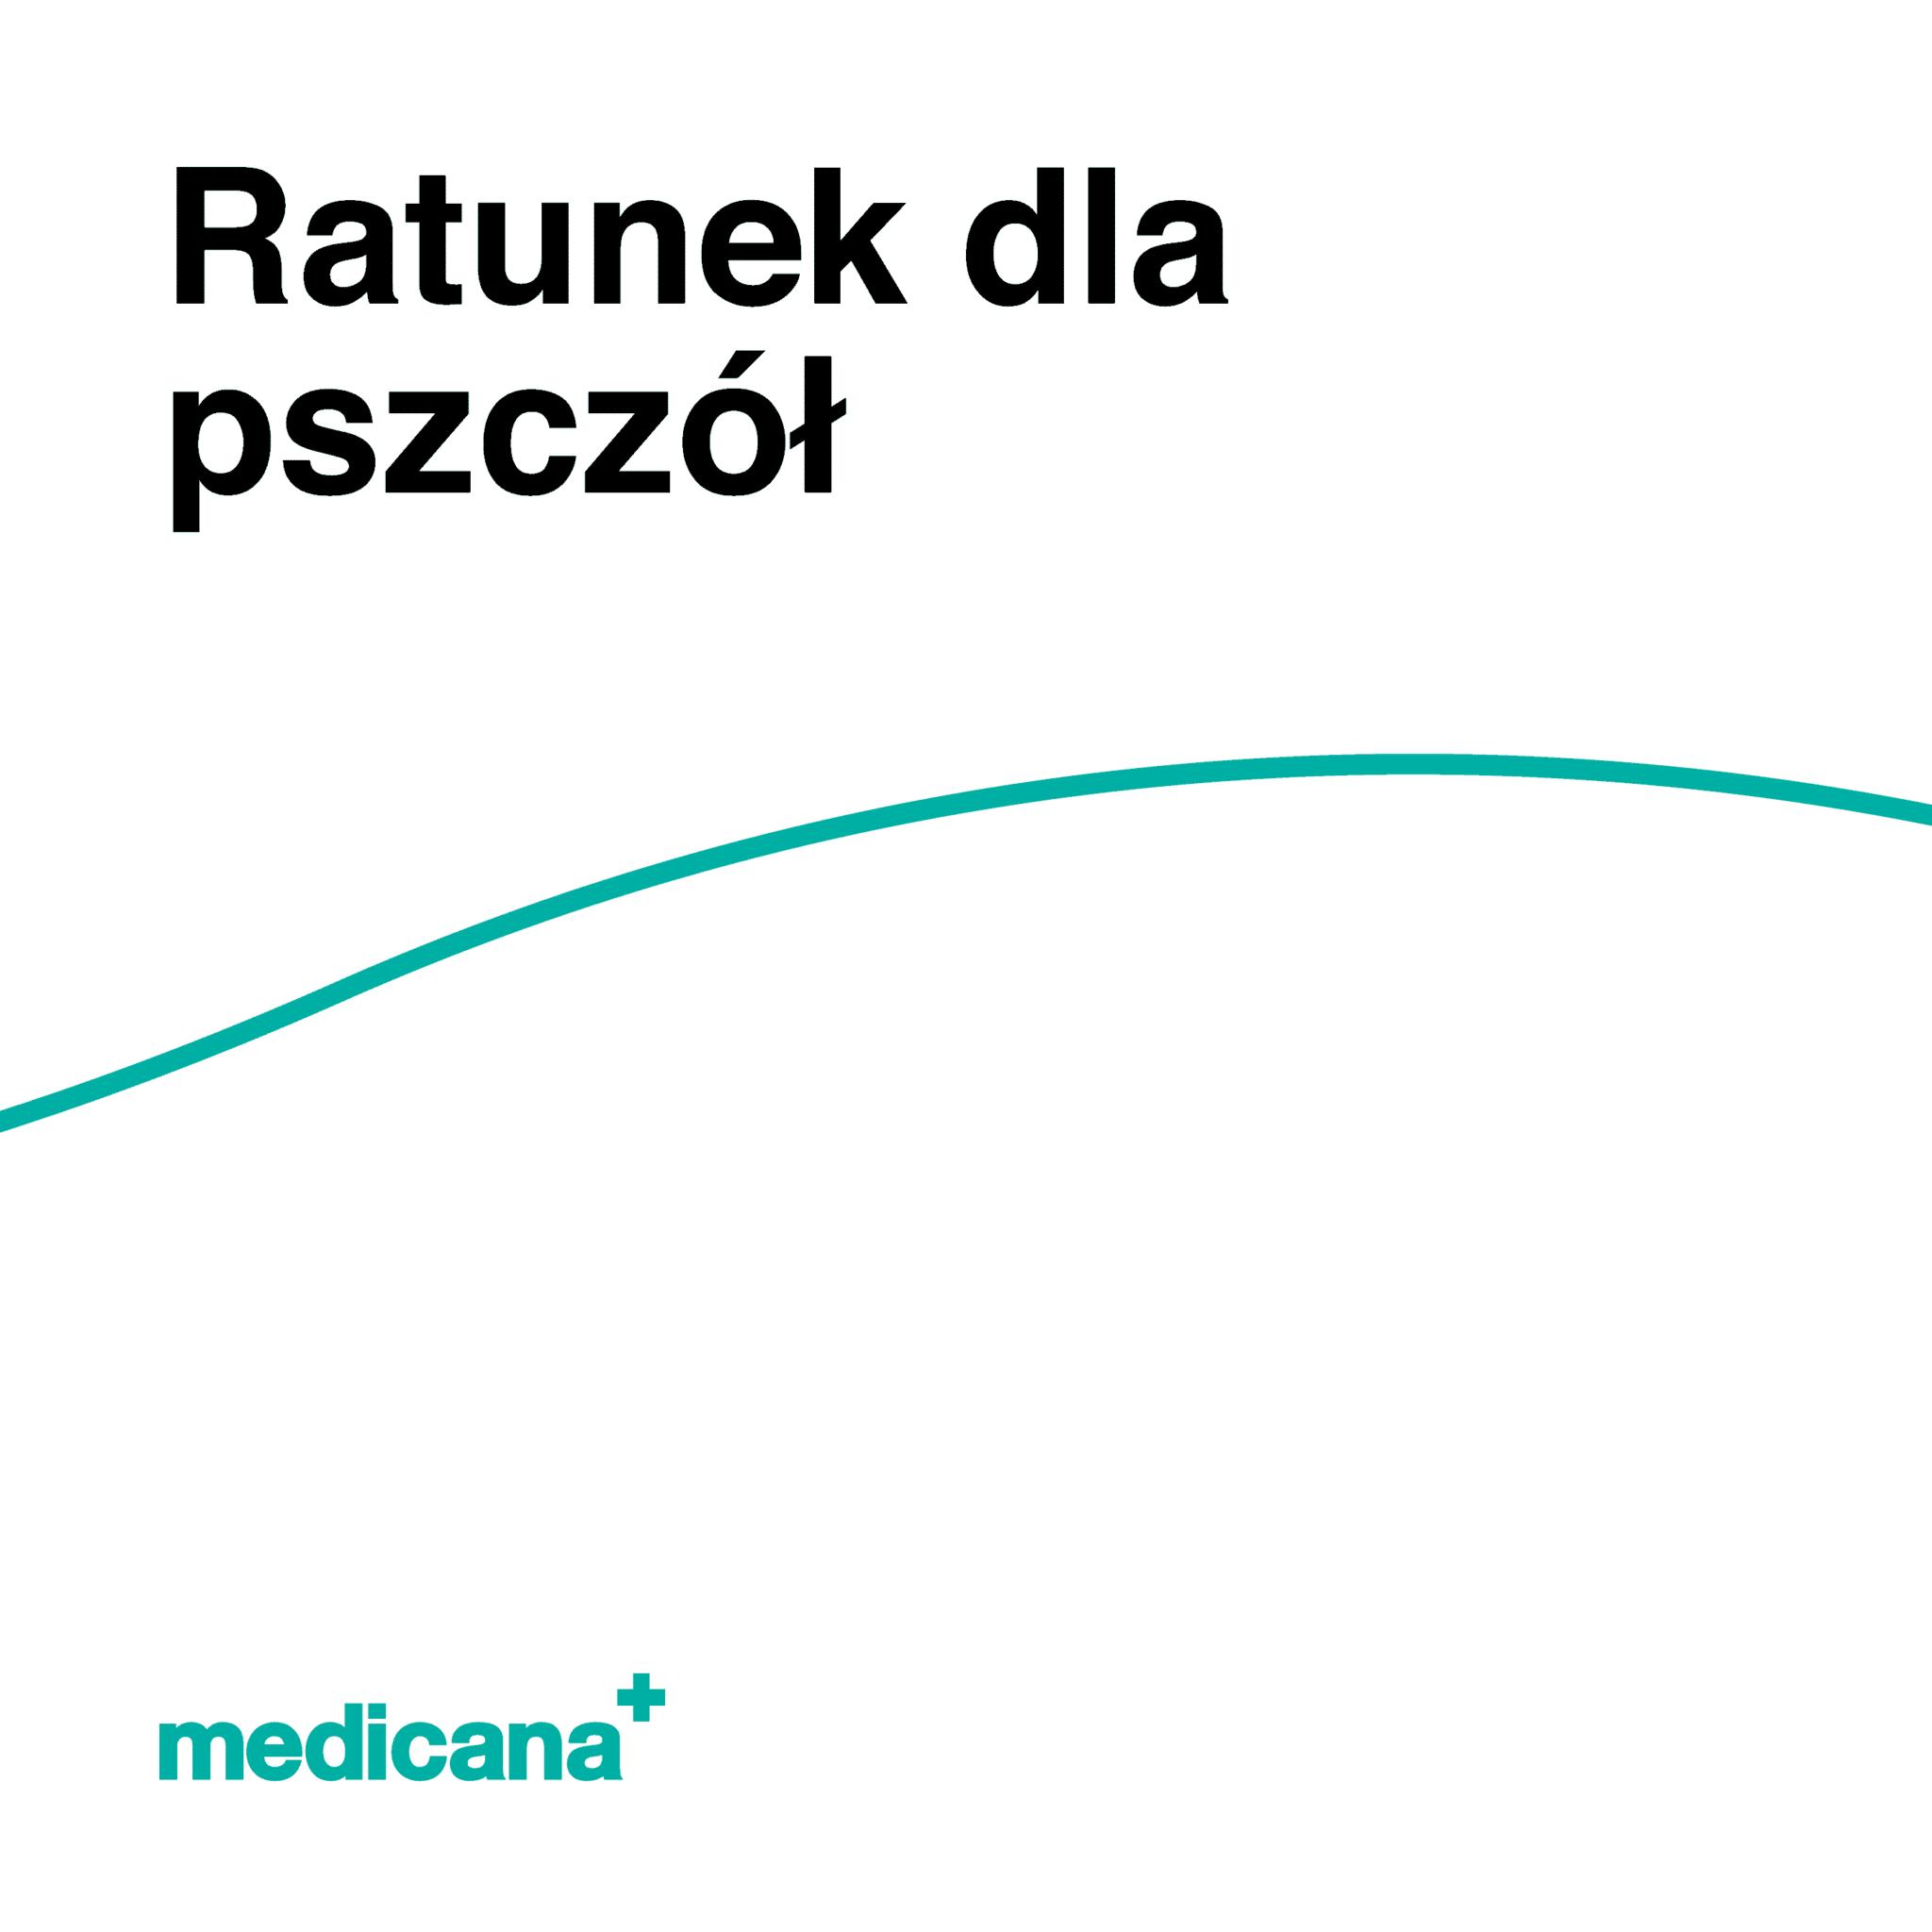 Grafika, białe tło z zieloną linią, czarnym napisem Ratunek dla pszczół oraz zielonym logo Medicana w lewym dolnym rogu.